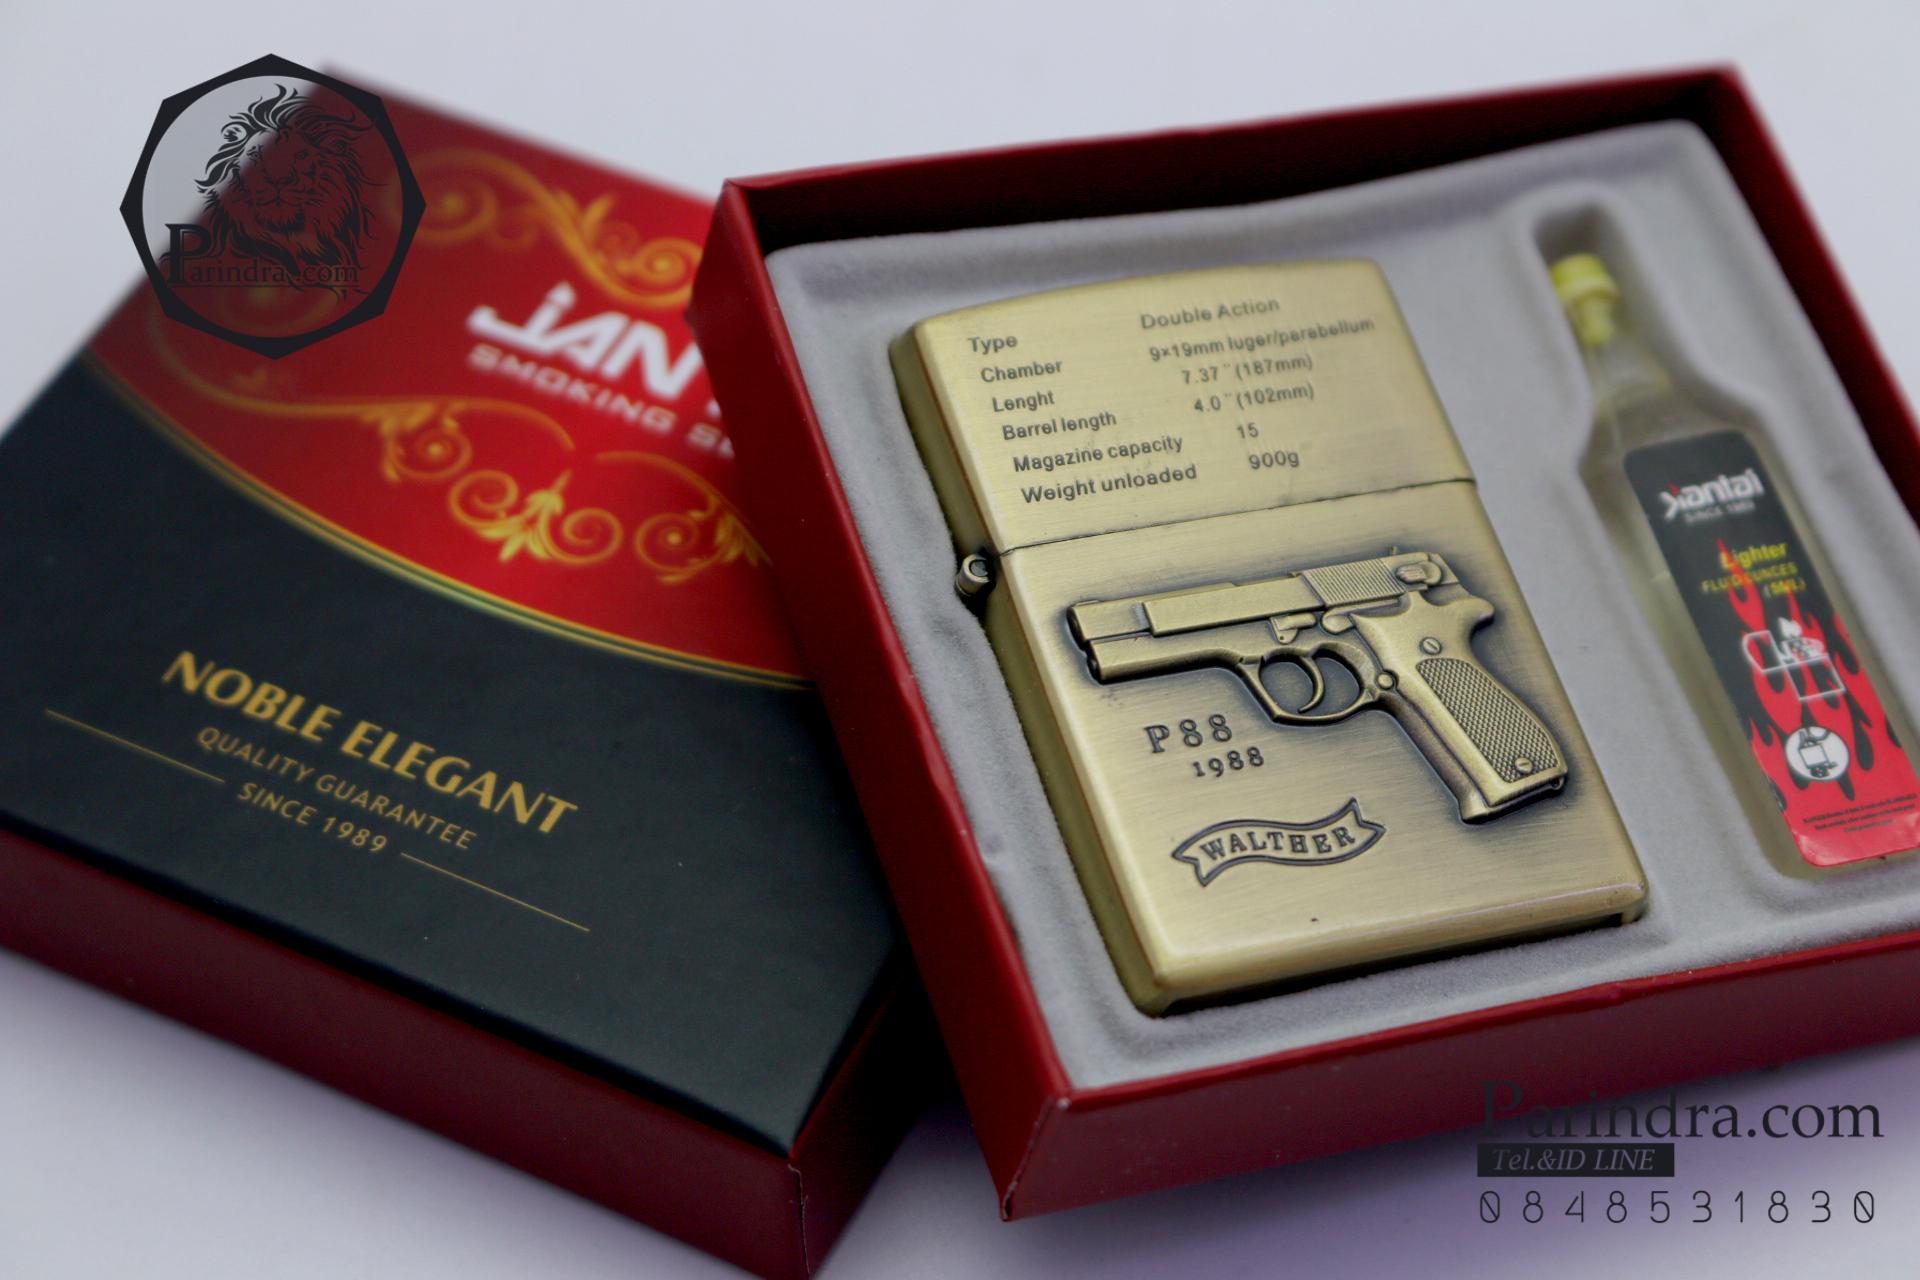 ไฟแช็คน้ำมันลาย ปืนพก Walther P88 ปี 1988 คลาสสิก